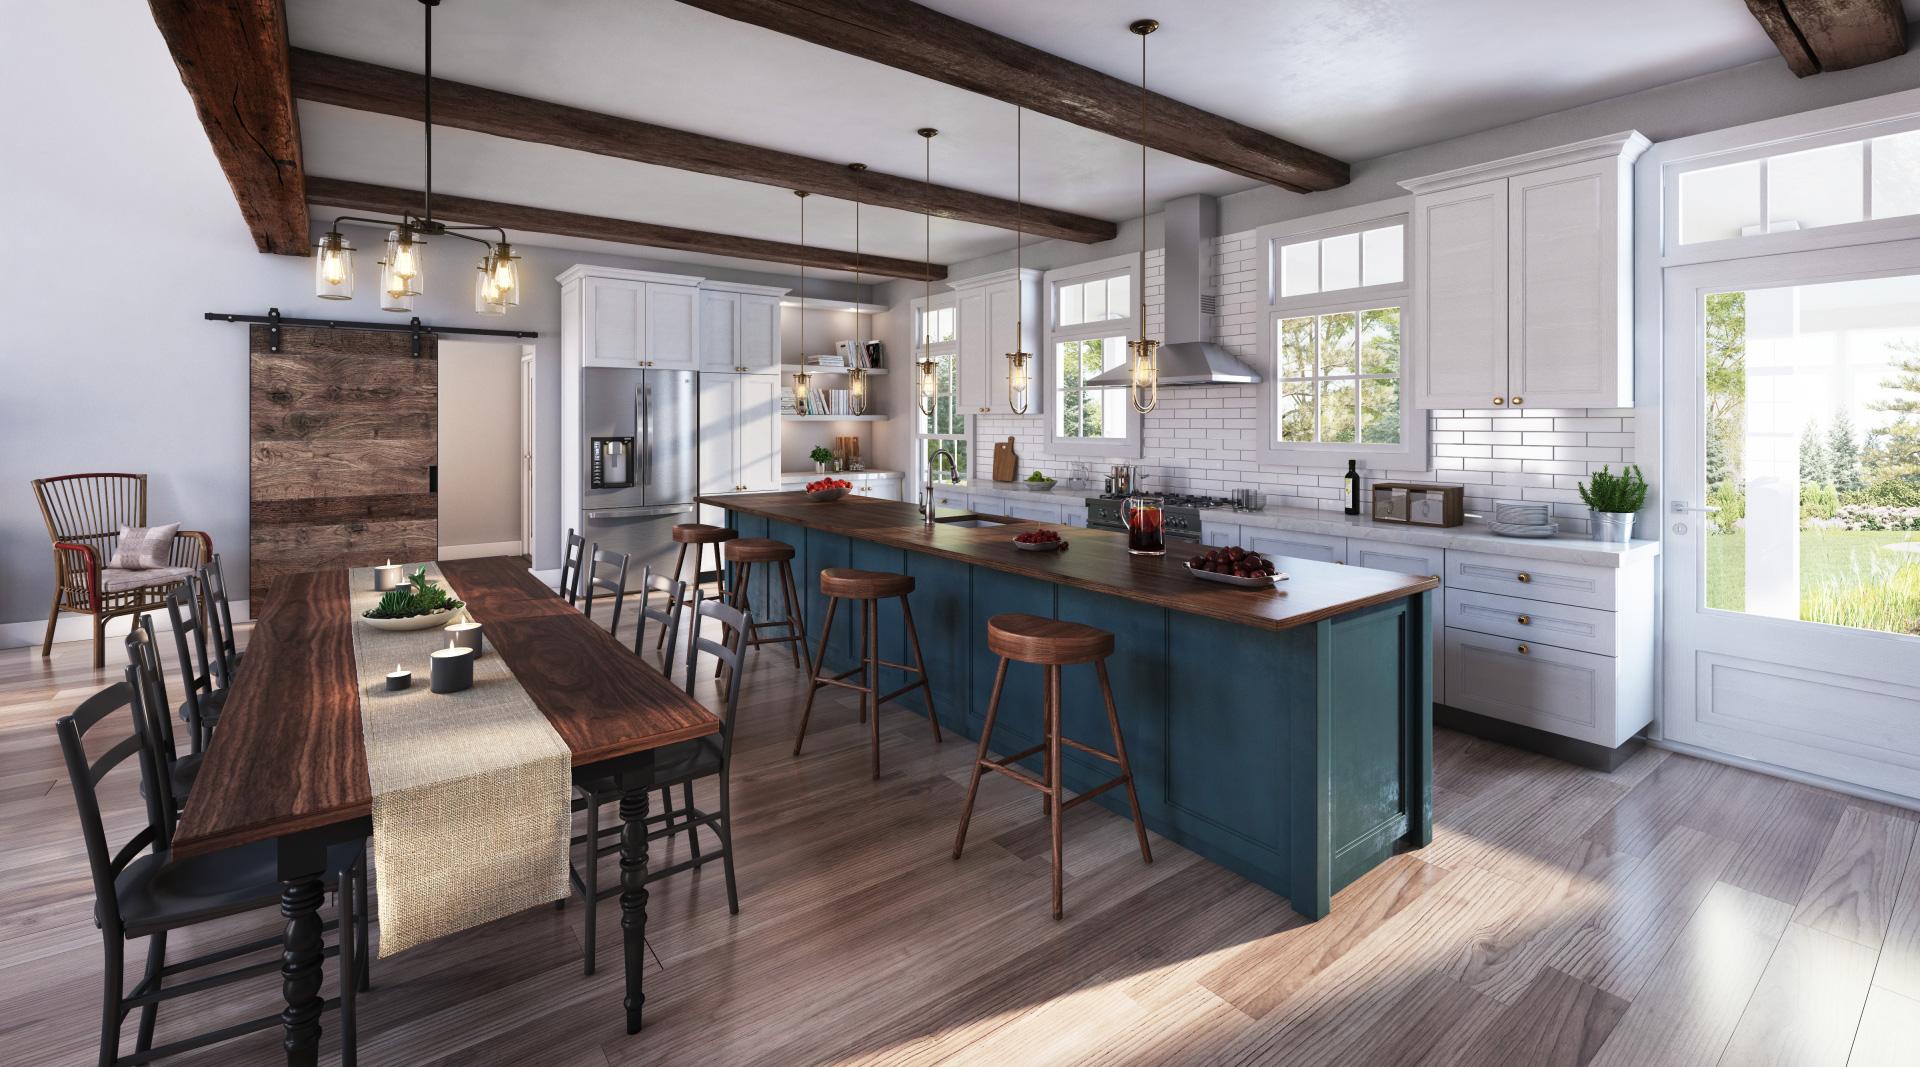 Profile Homes Barn Conversion Interior © 2018 Profile Homes